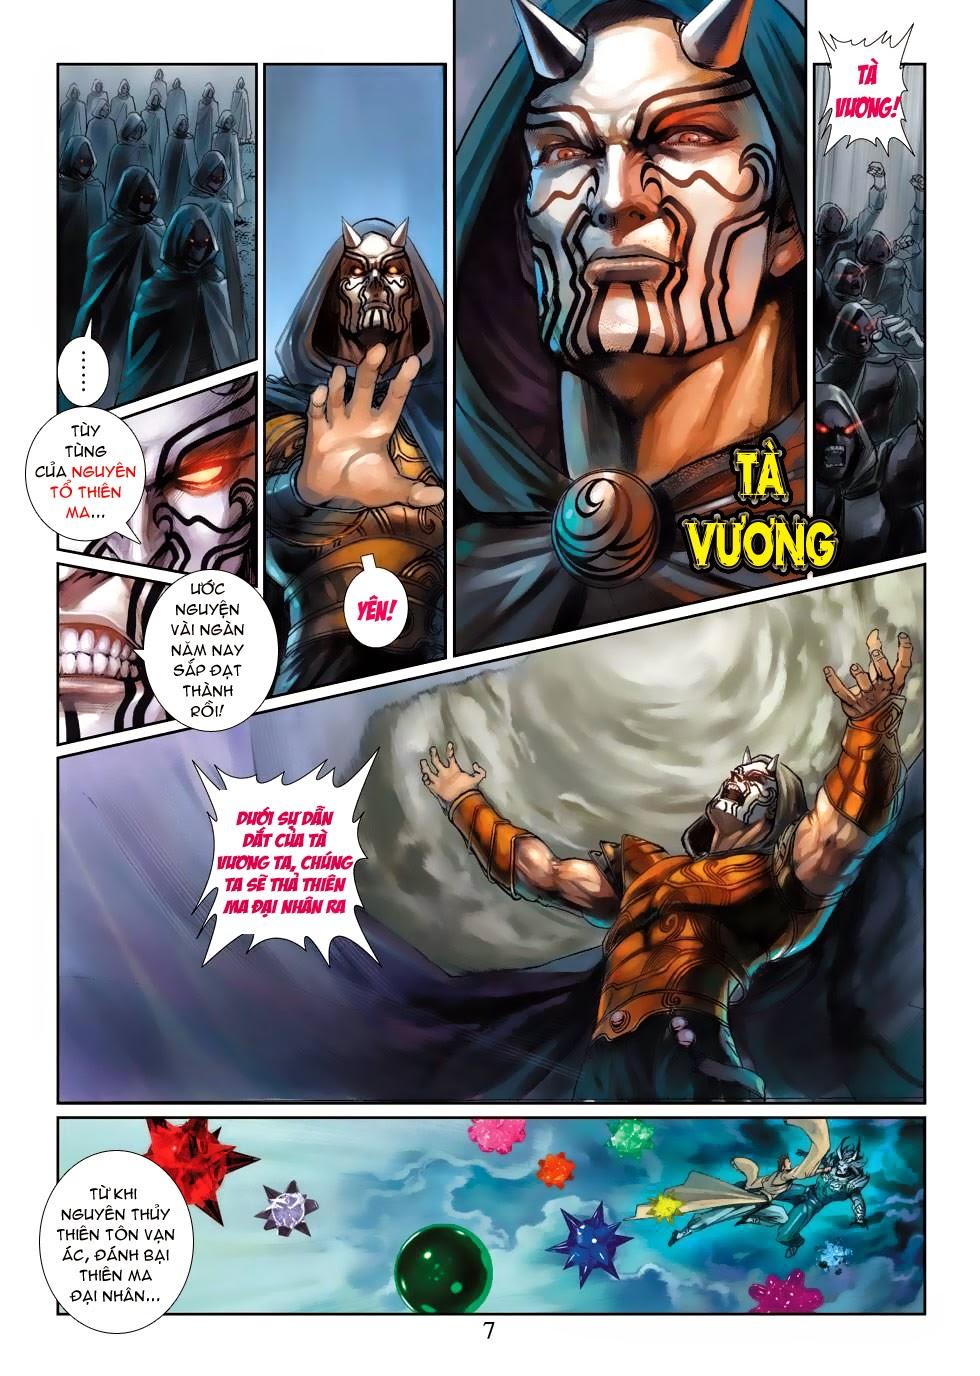 Thần Binh Tiền Truyện 4 - Huyền Thiên Tà Đế chap 3 - Trang 7